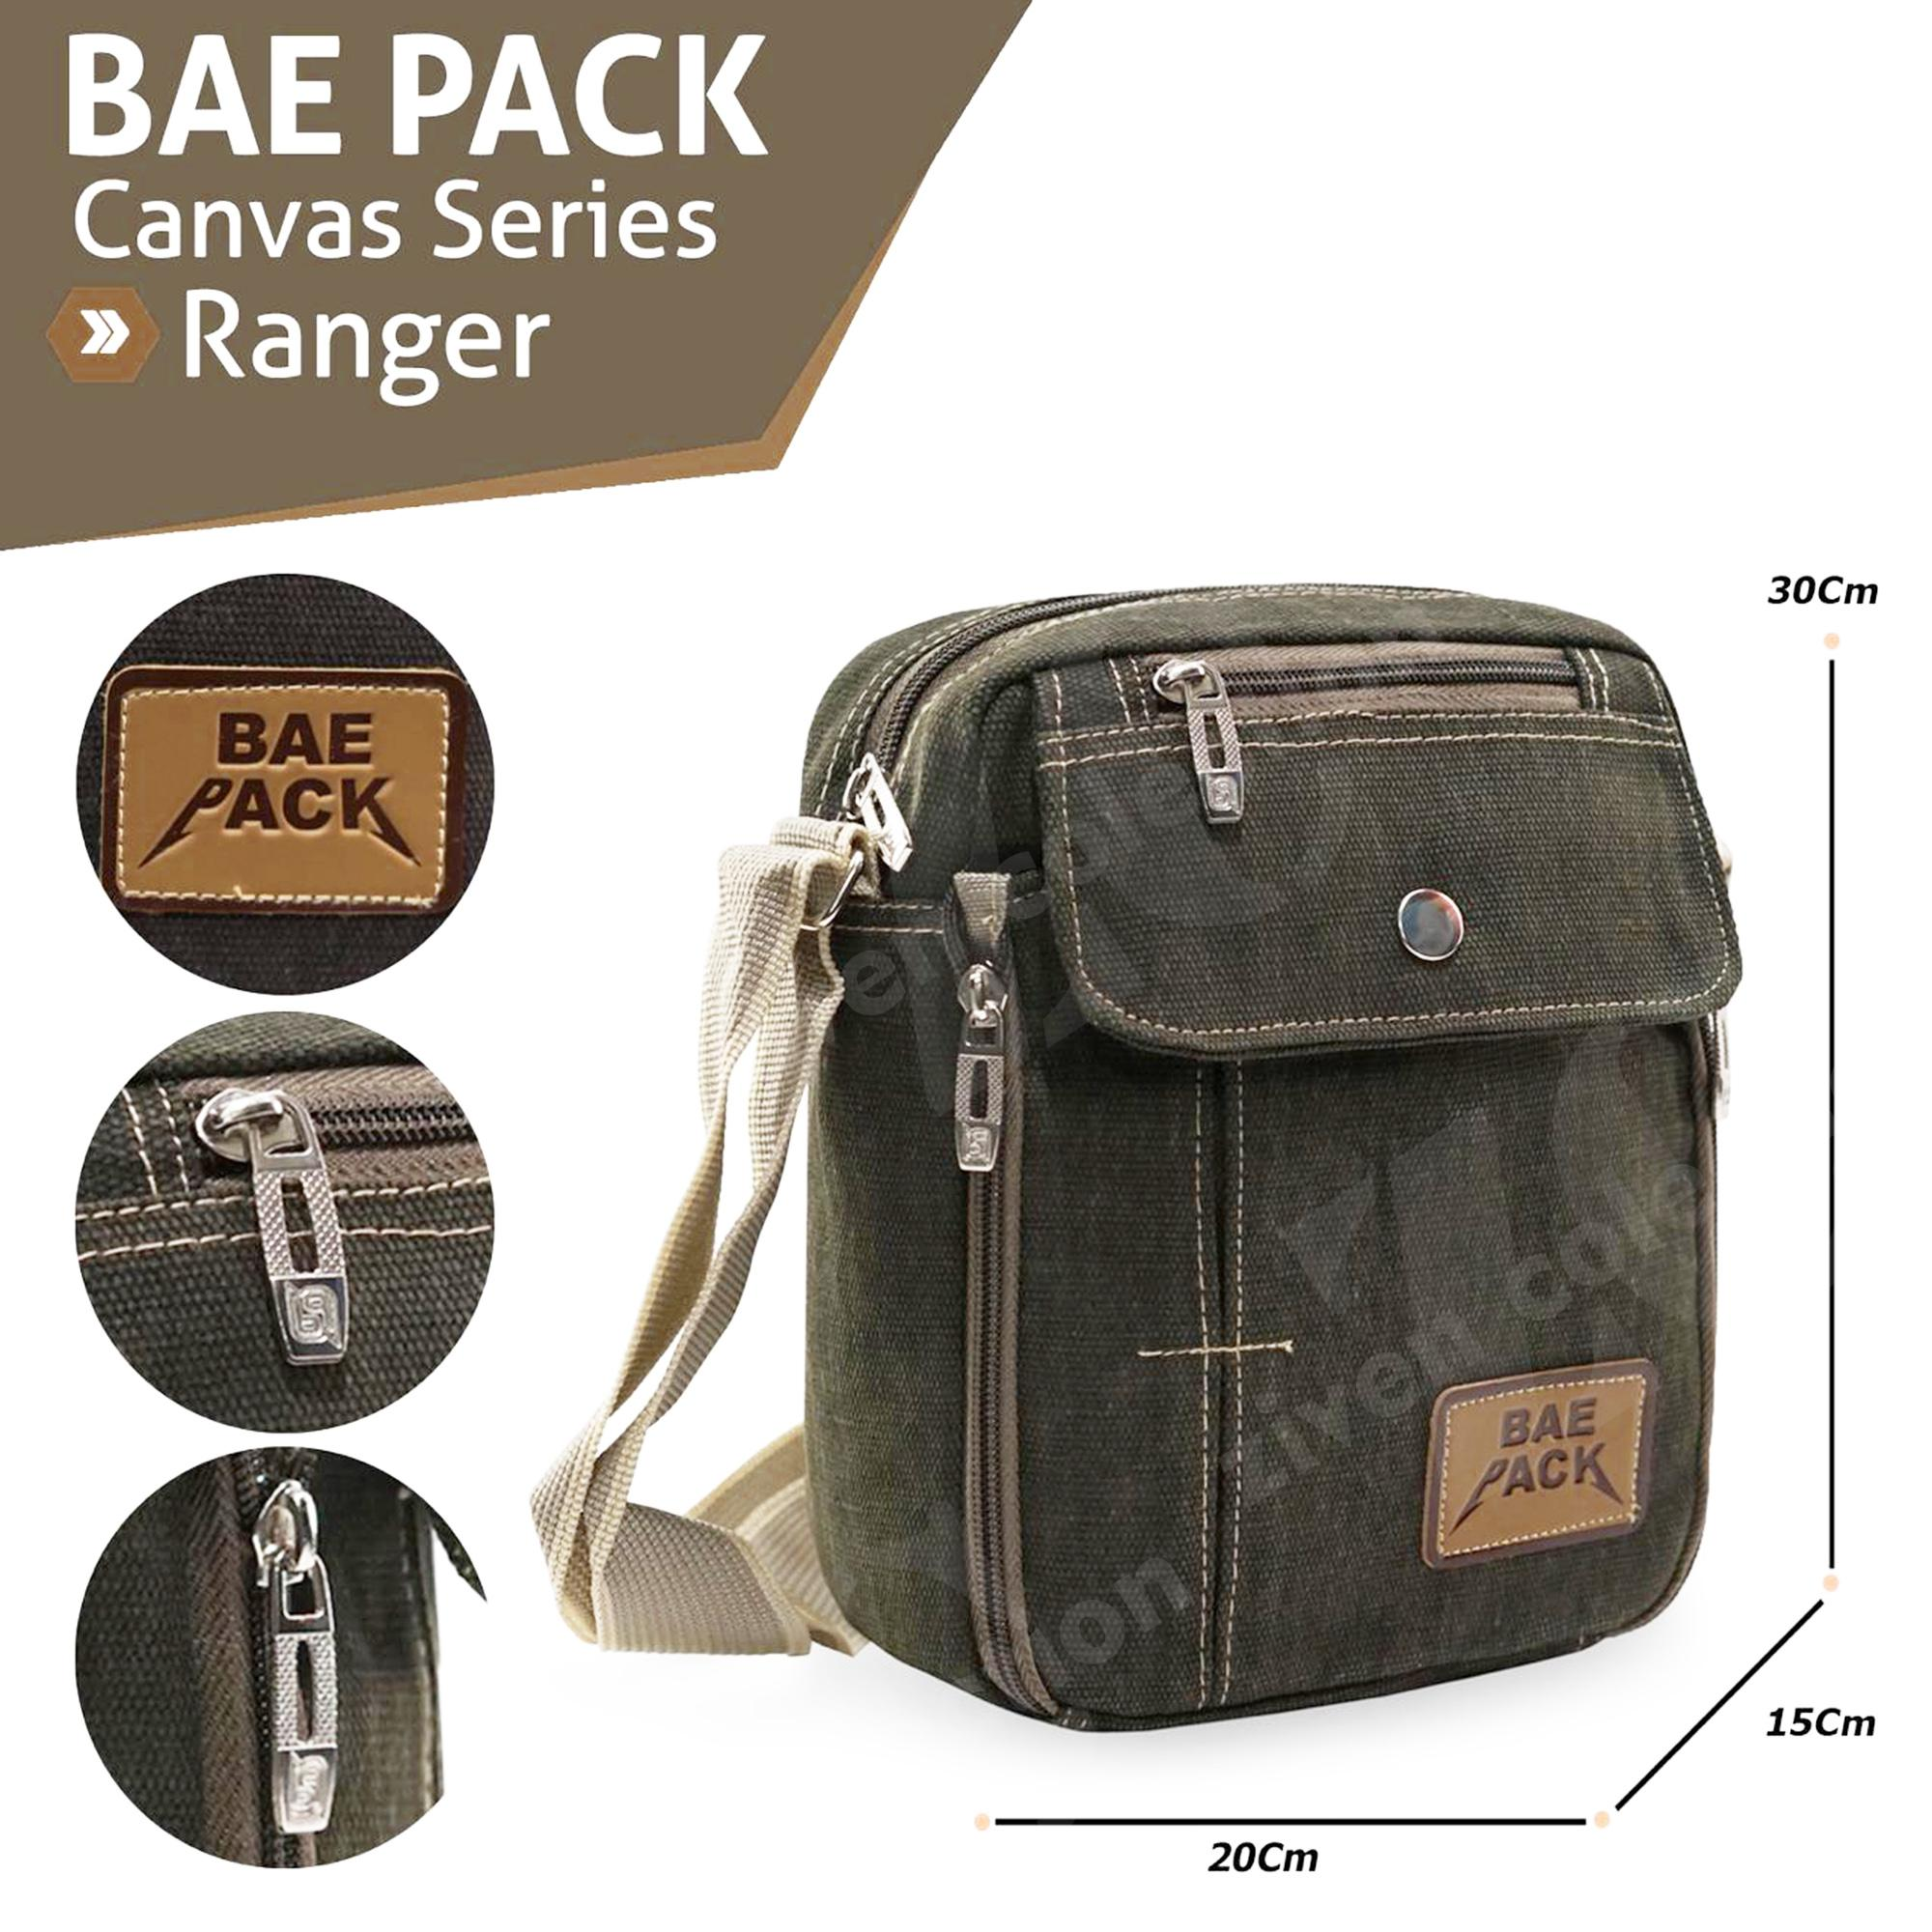 Baepack Ranger Tas Pria Men Vintage Canvas Multifunction Travel Satchel  Messenger Shoulder Bag 1507-7ZV 1fca4f2db9